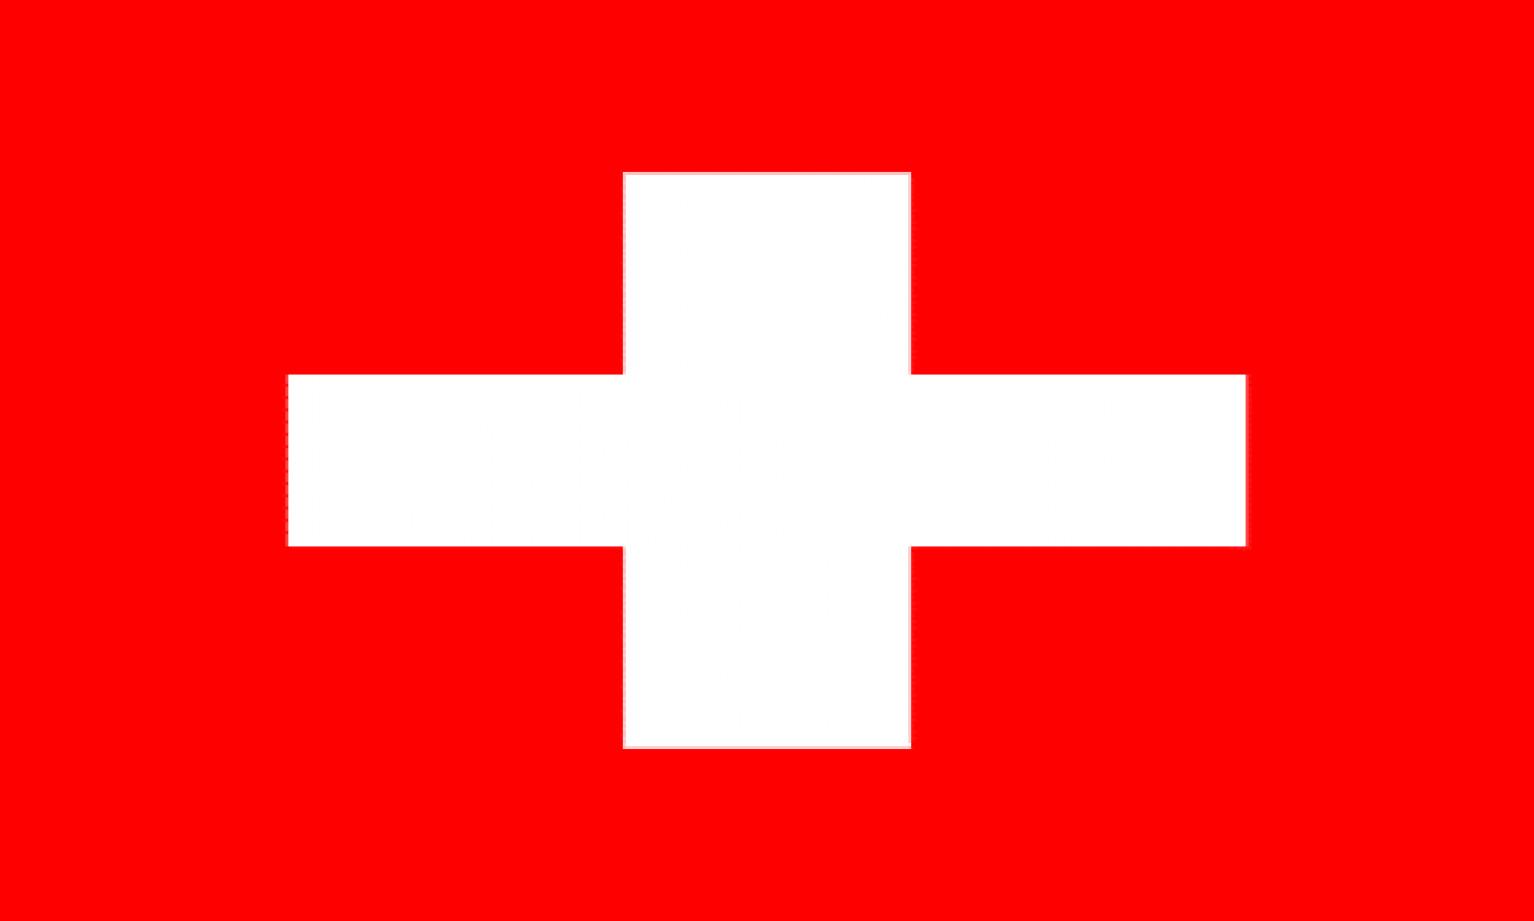 Swiss Peer-to-Peer lending platforms